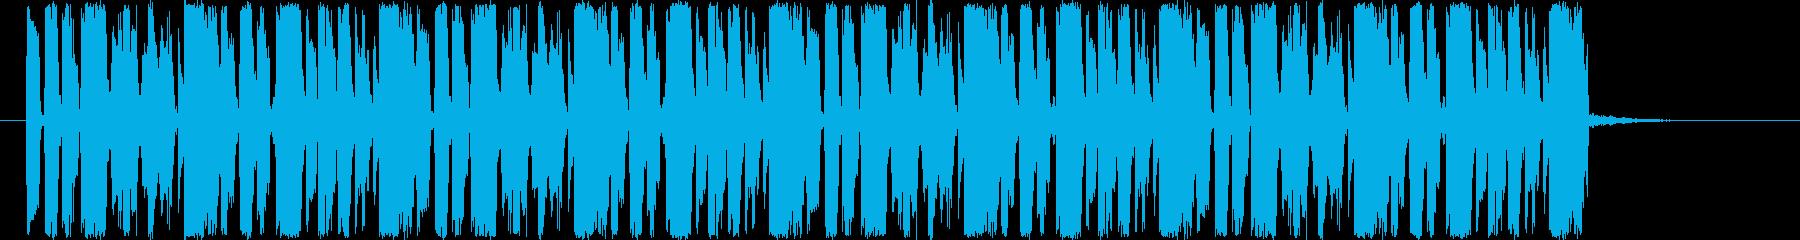 ループ素材です。ドラムンベースとなって…の再生済みの波形